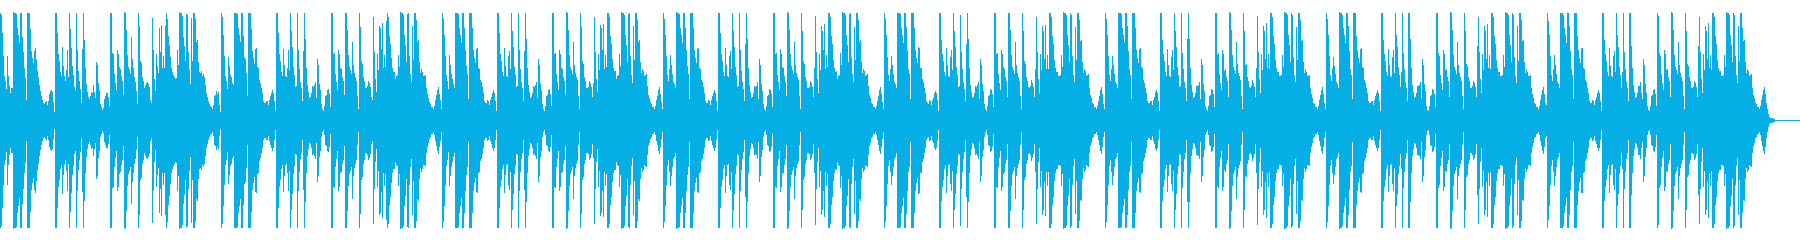 明るく切ないピアノメインのBGMbの再生済みの波形